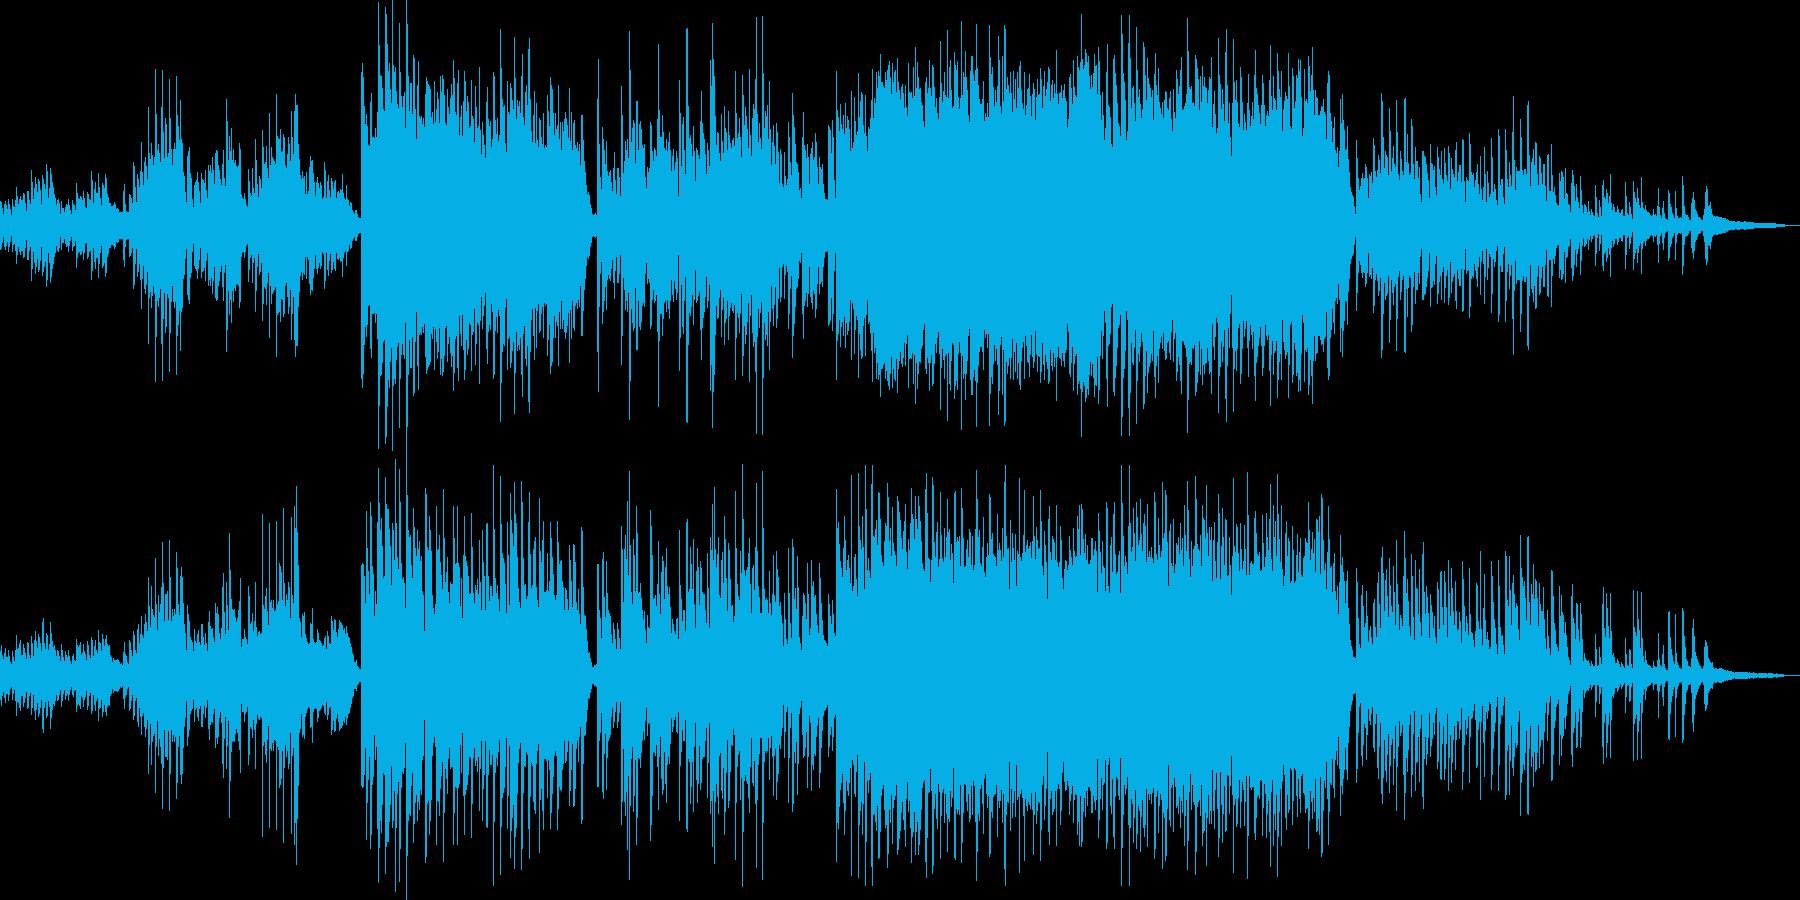 ピアノ+弦楽五重奏の優しい楽曲♪の再生済みの波形